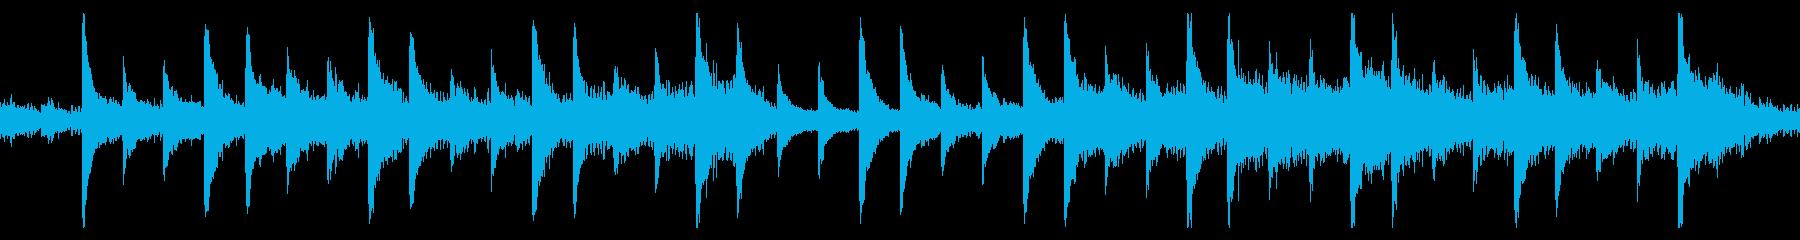 【ループ版】ドキュメンタリー一筋の光の再生済みの波形